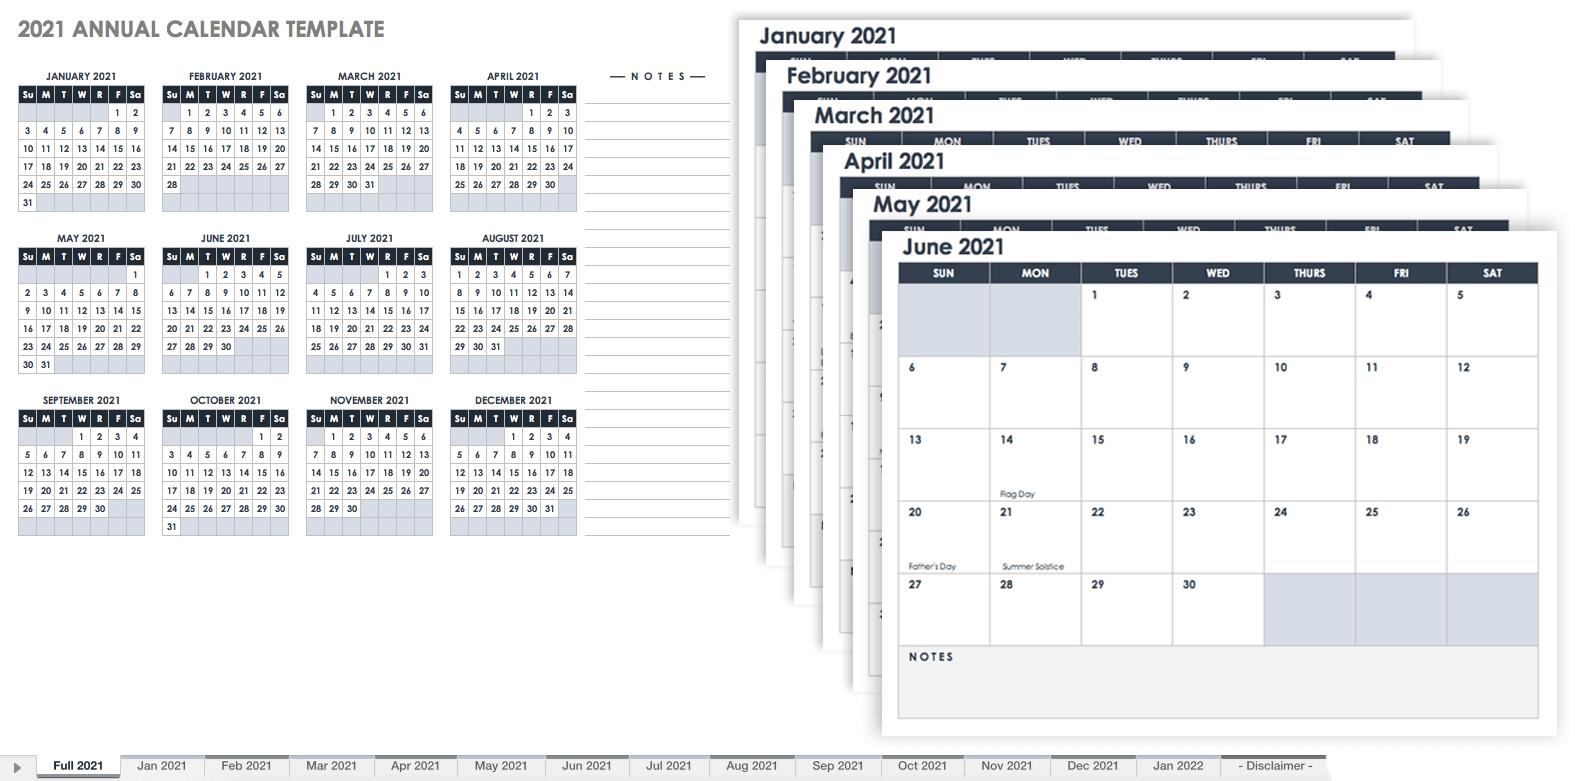 2021 12 Hour Rotating Shift Calendar : Bell Schedules - Calendar, Office Planner, College